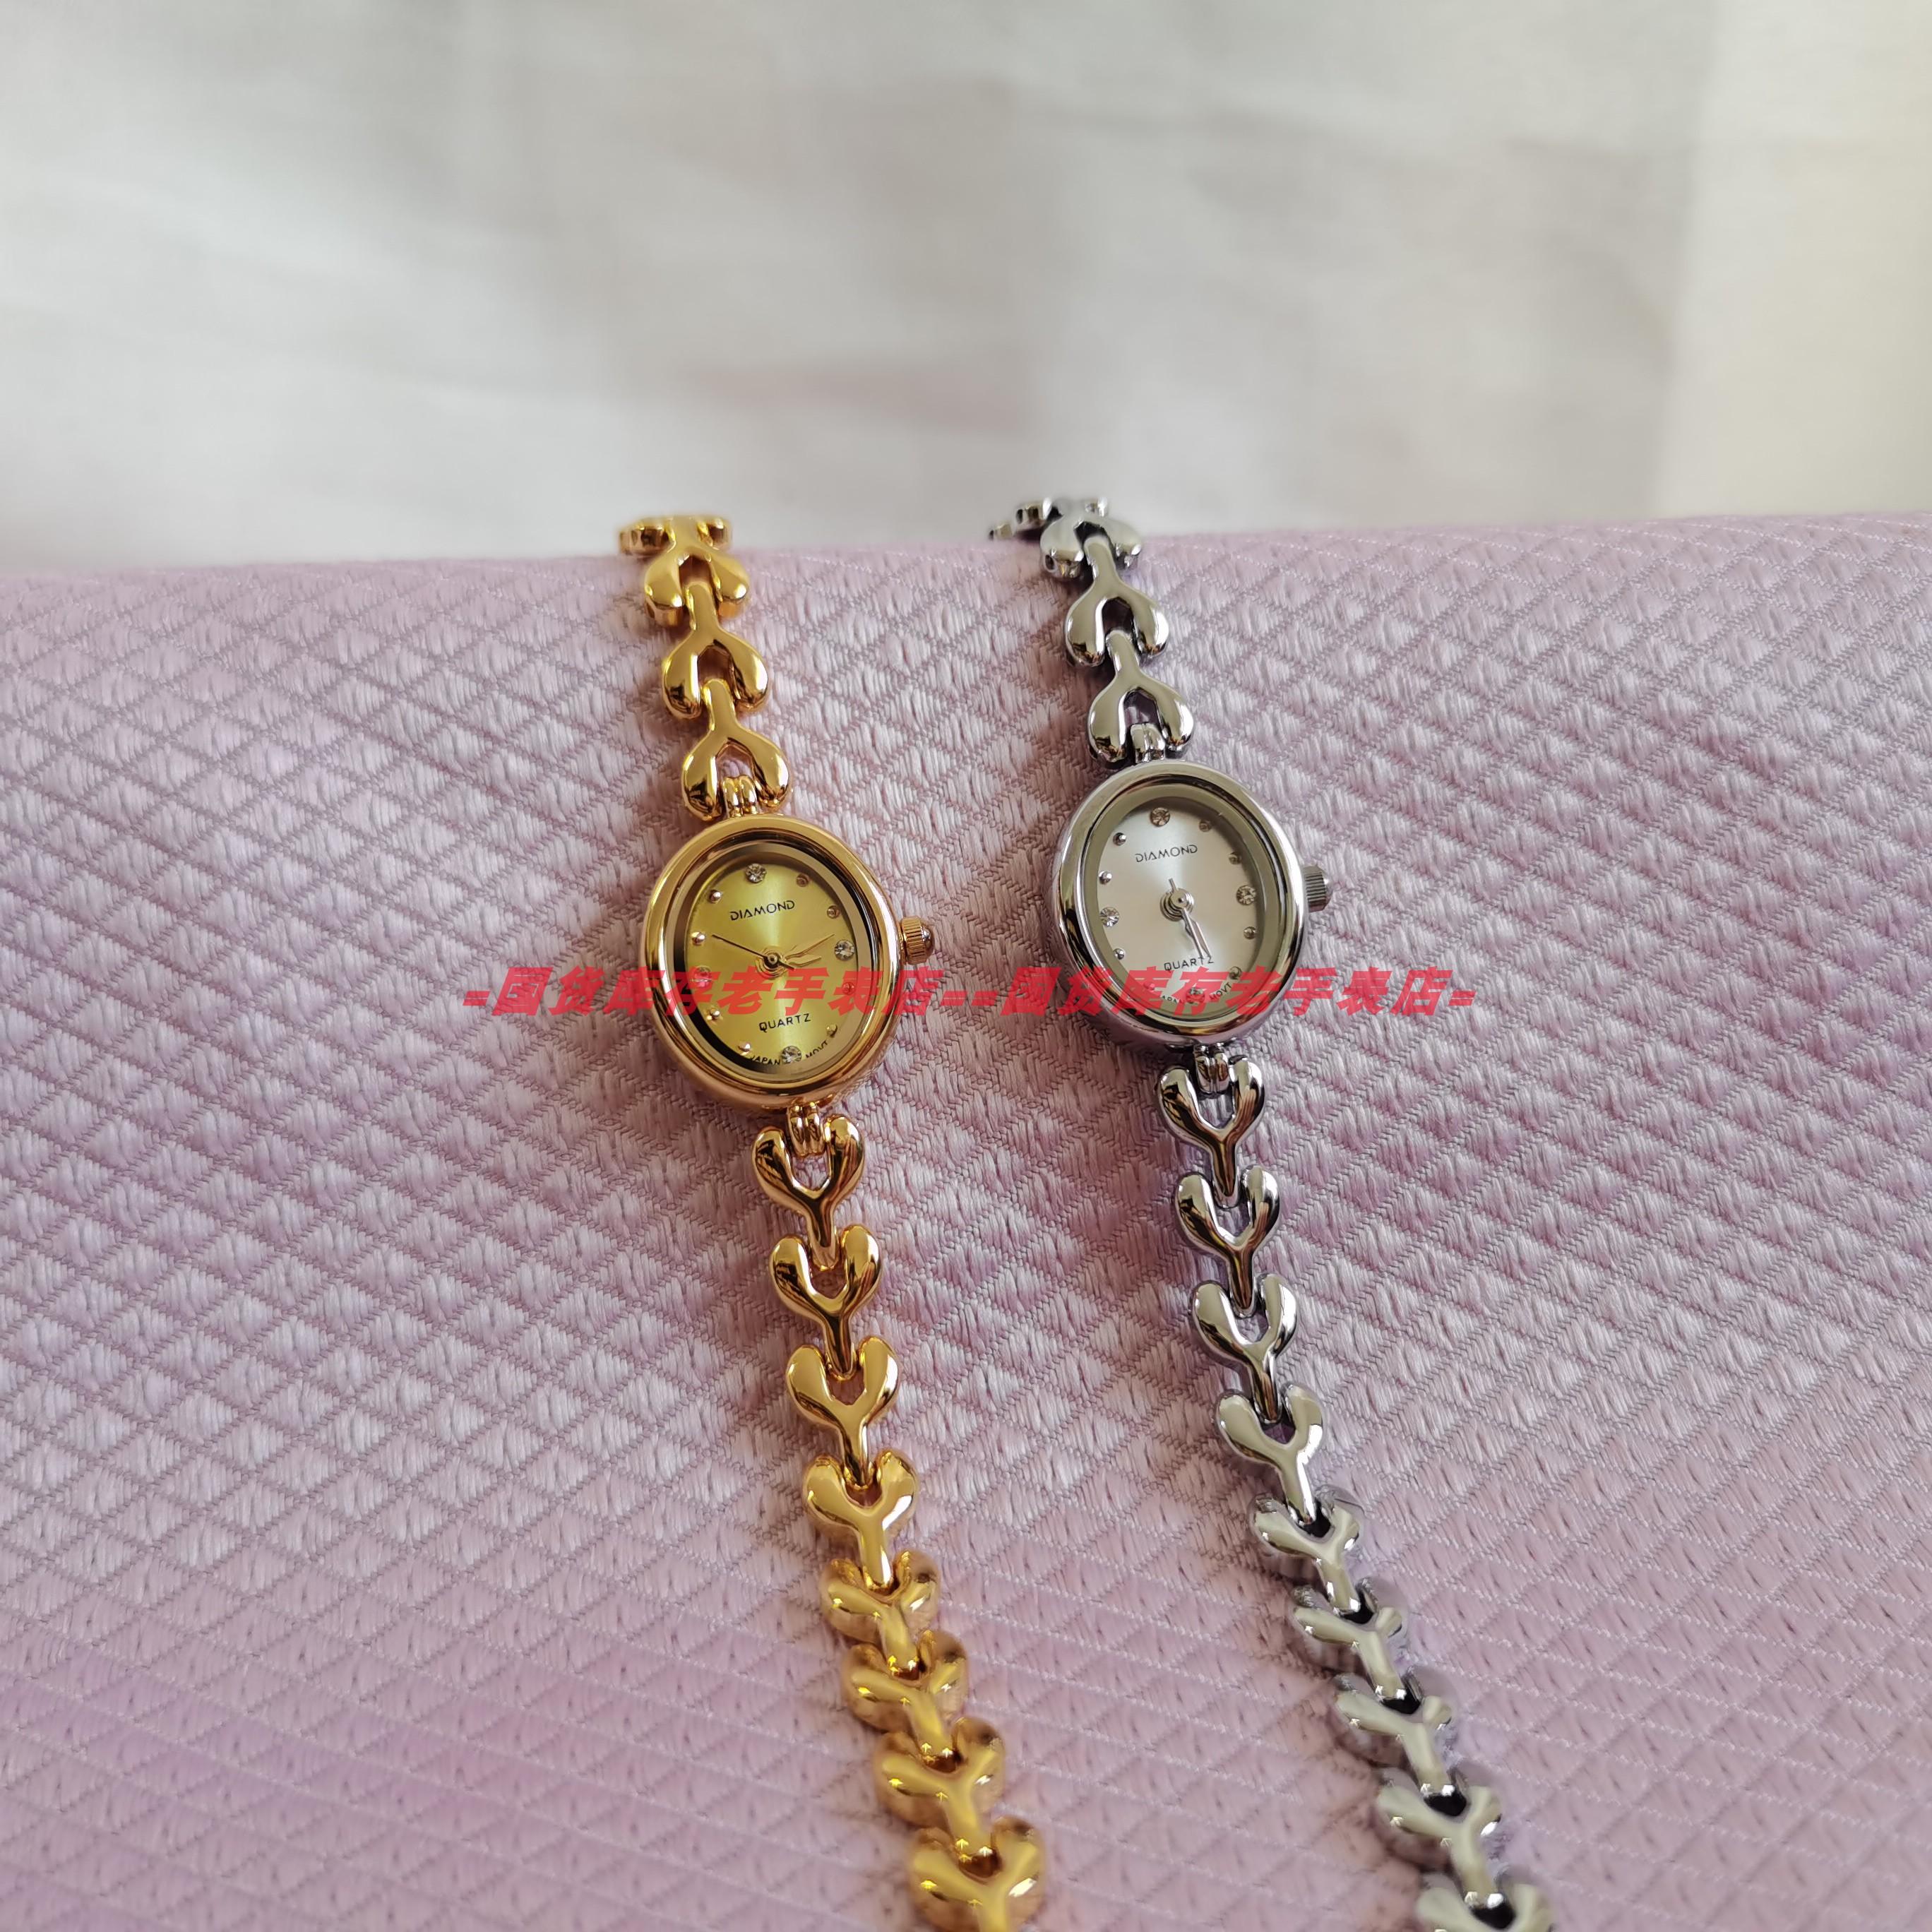 手錶代購全新庫存上海鉆石牌氣質復古小巧迷你全銅鍍金石英小金豆小金錶